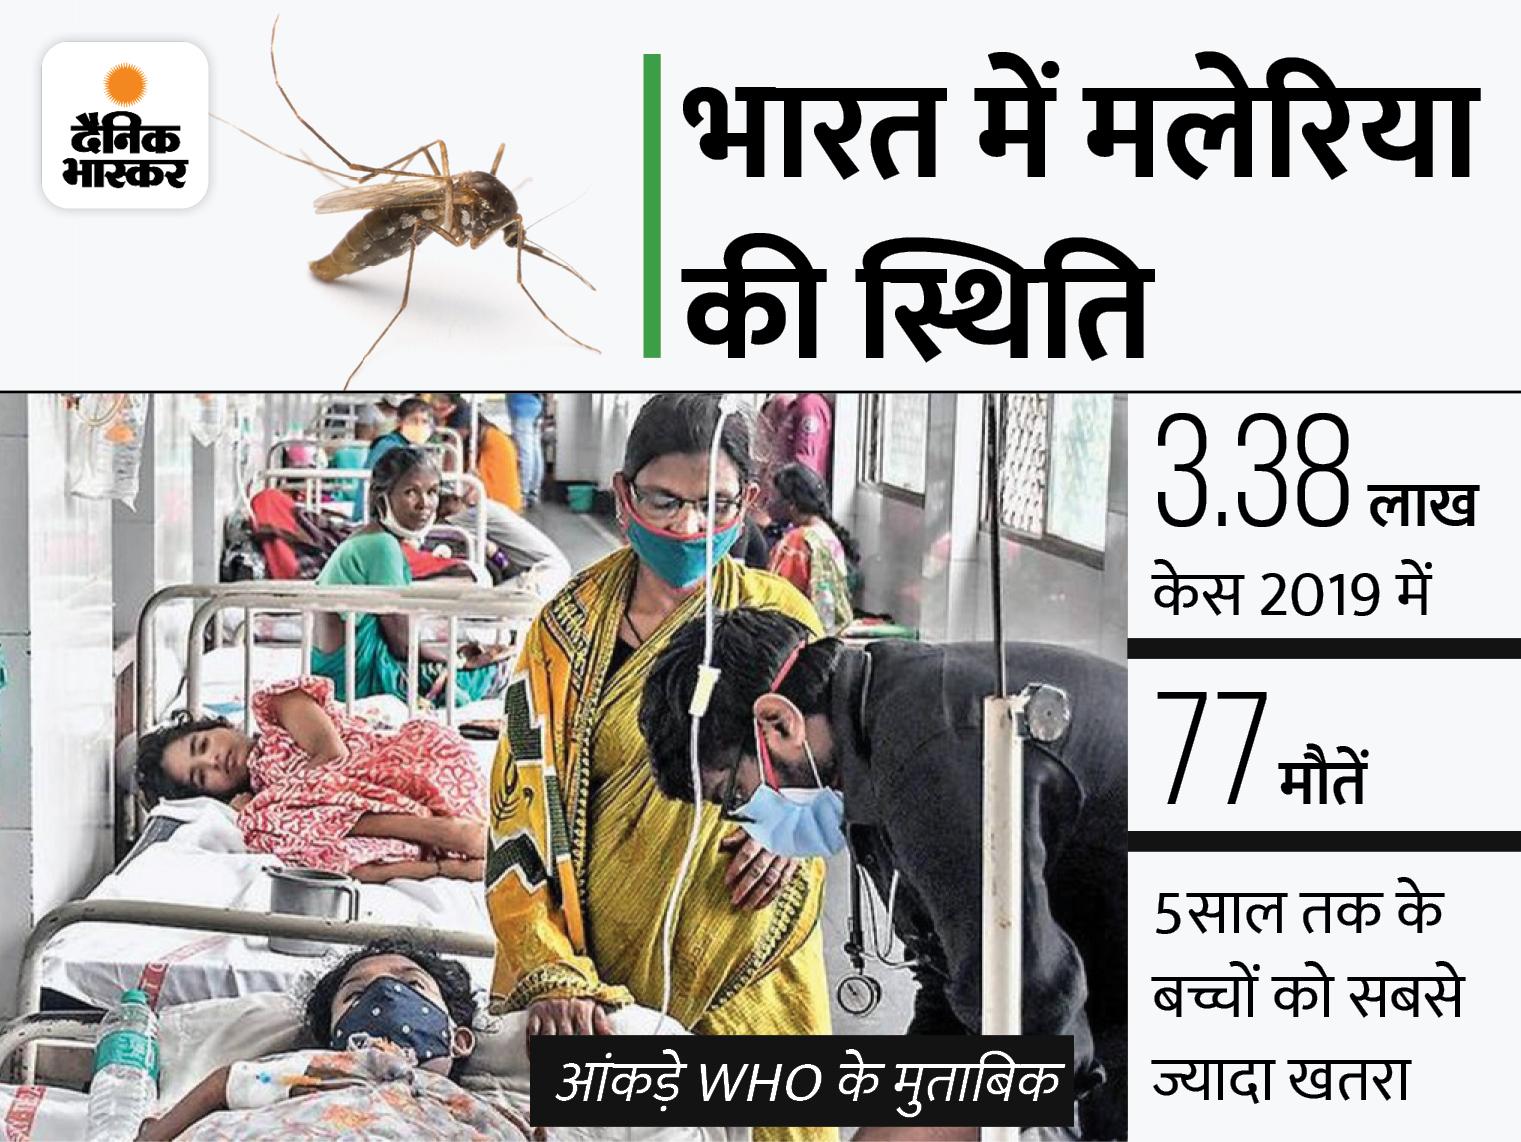 WHO ने मलेरिया की पहली वैक्सीन को मंजूरी दी, अफ्रीकी देशों से होगी शुरुआत; भारत में हर साल 3 लाख से ज्यादा केस आ रहे विदेश,International - Dainik Bhaskar